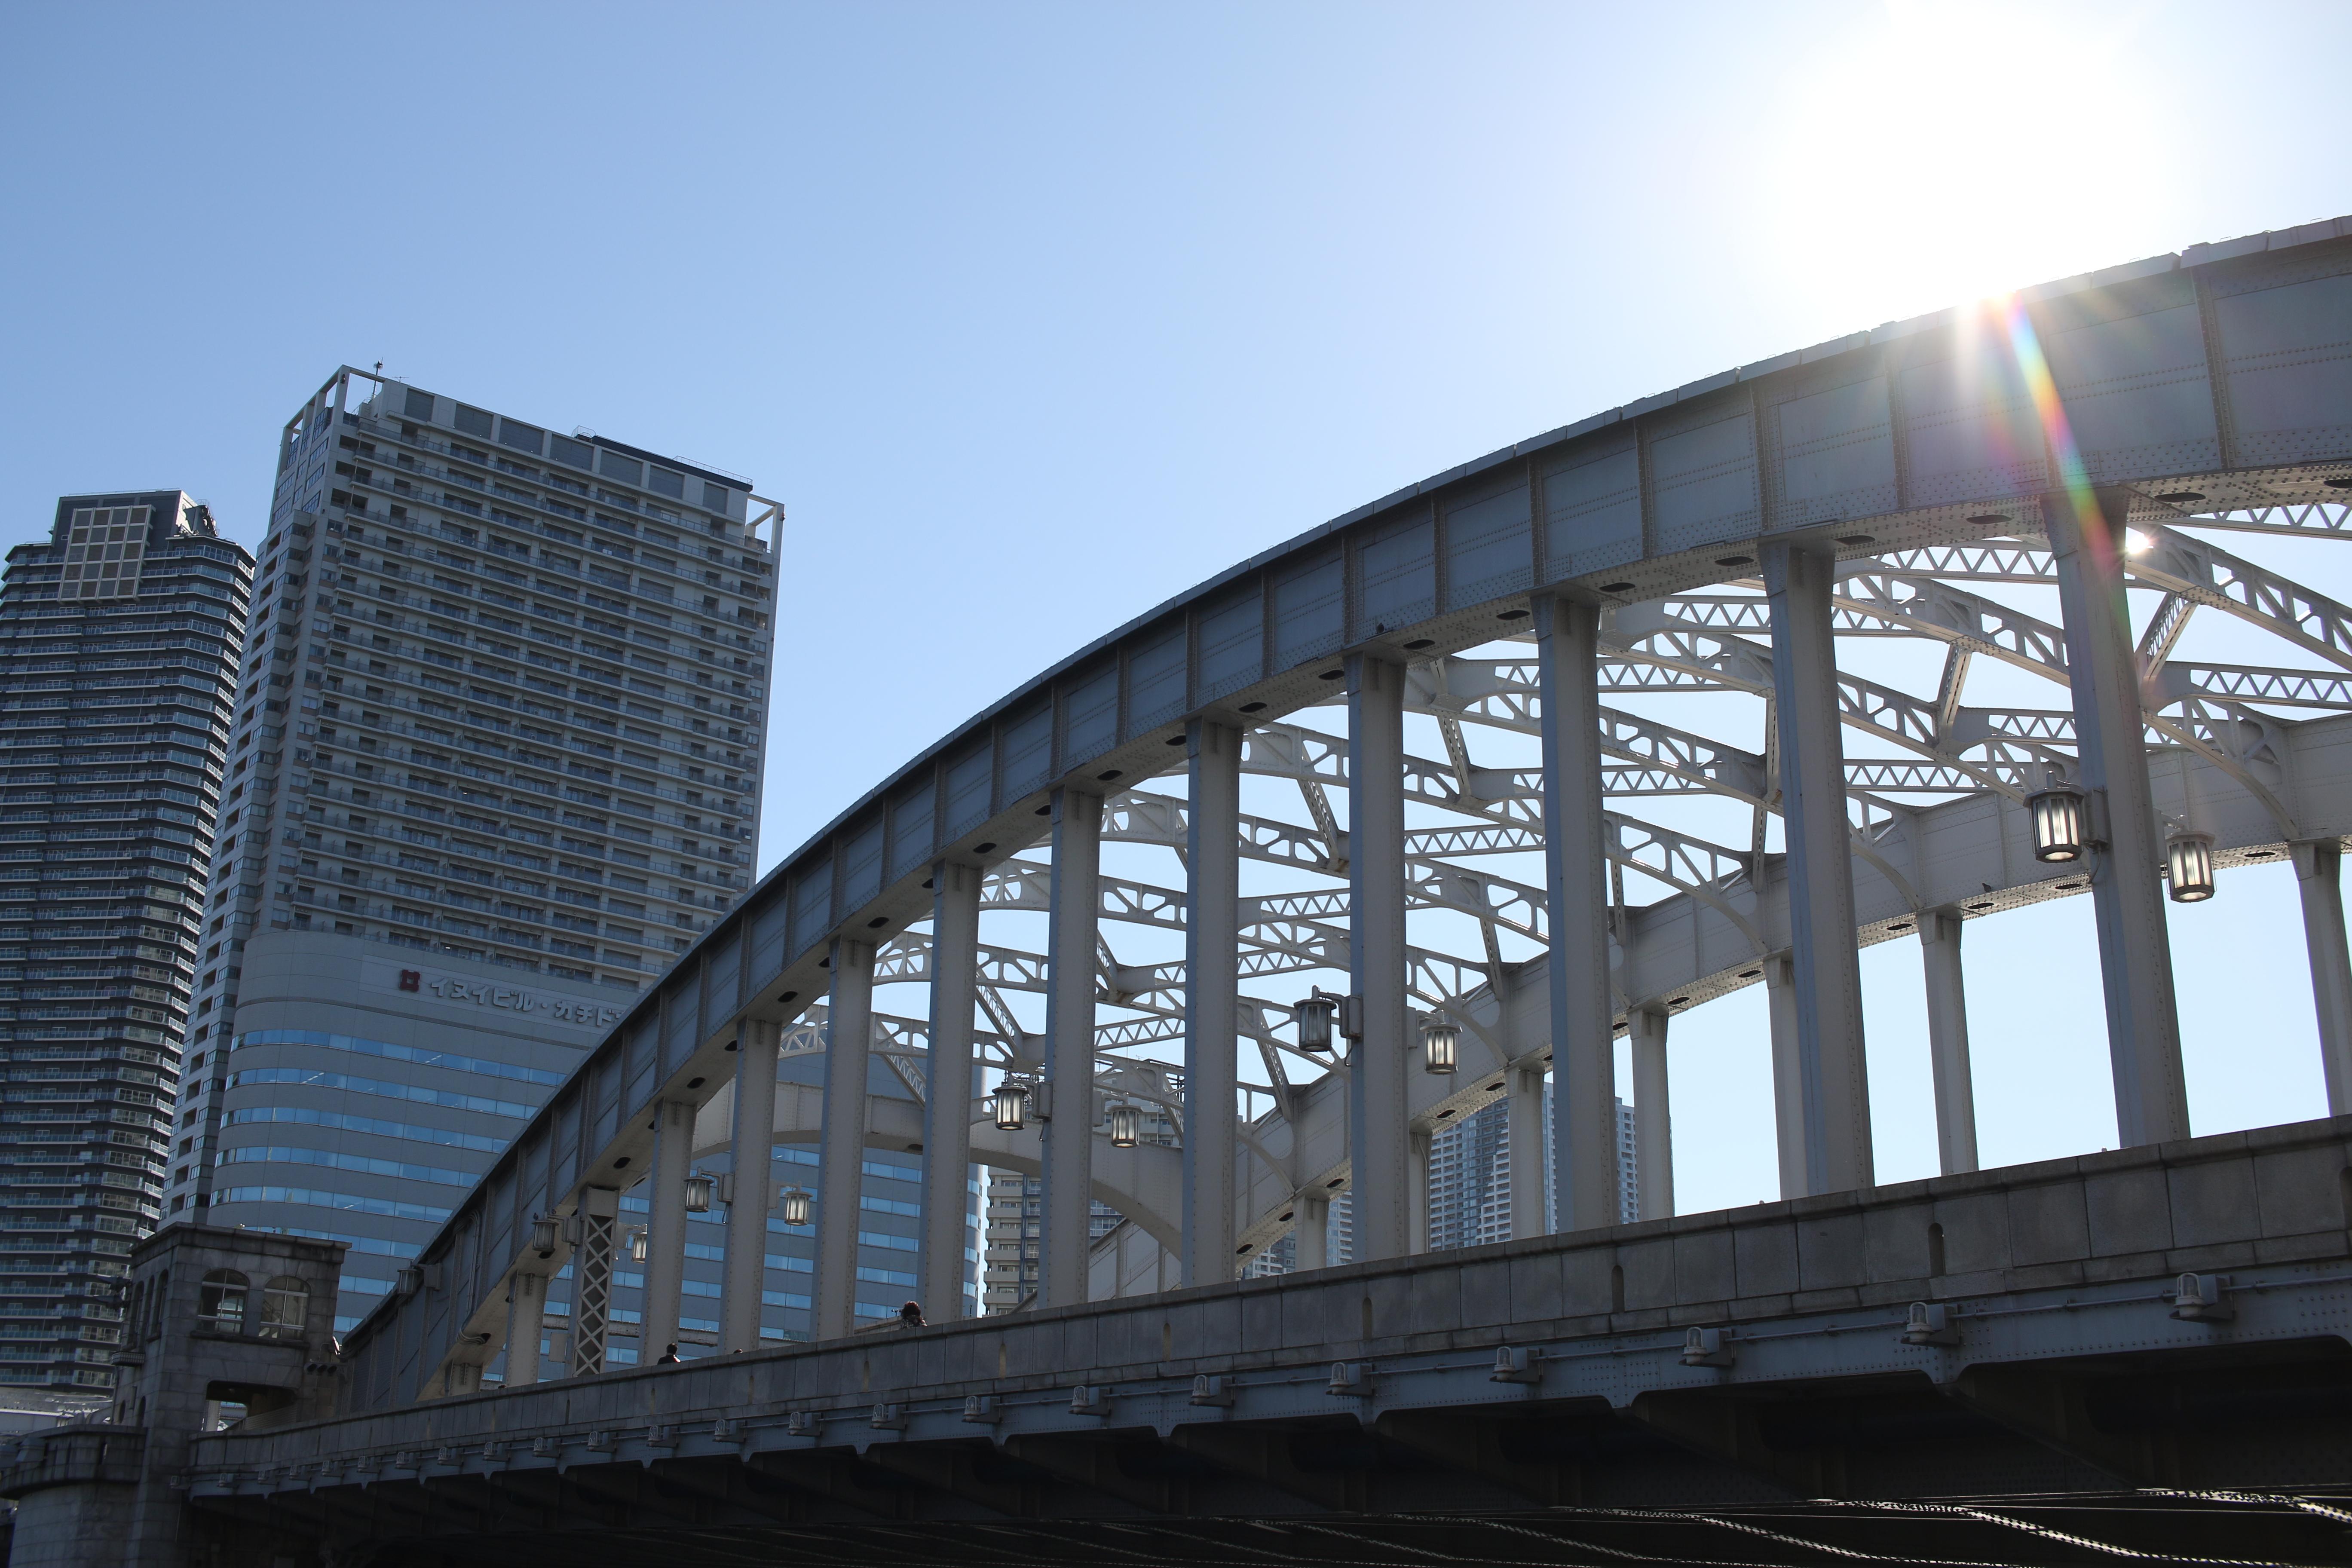 太陽が画面内に入る逆光で撮影。EOS 70D / 1/800秒 / F5.6 / 0EV / ISO100 / 絞り優先AE / 24mm